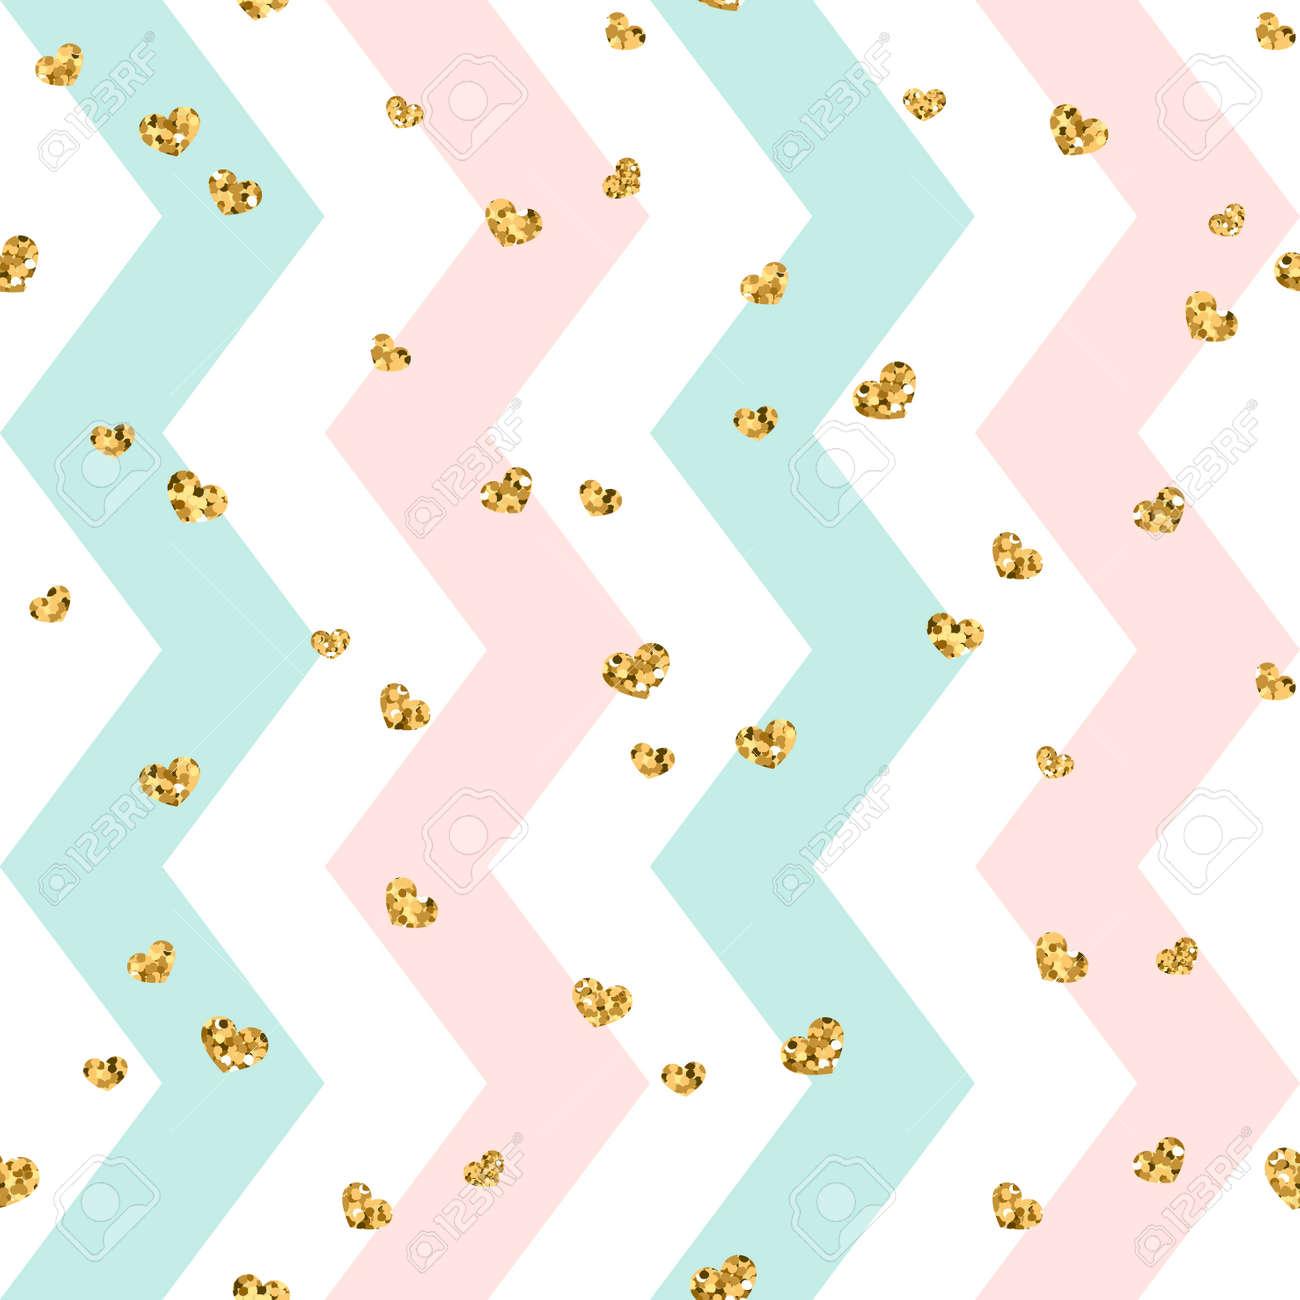 Gold Heart Seamless Pattern Pink Blue White Geometric Zig Zag